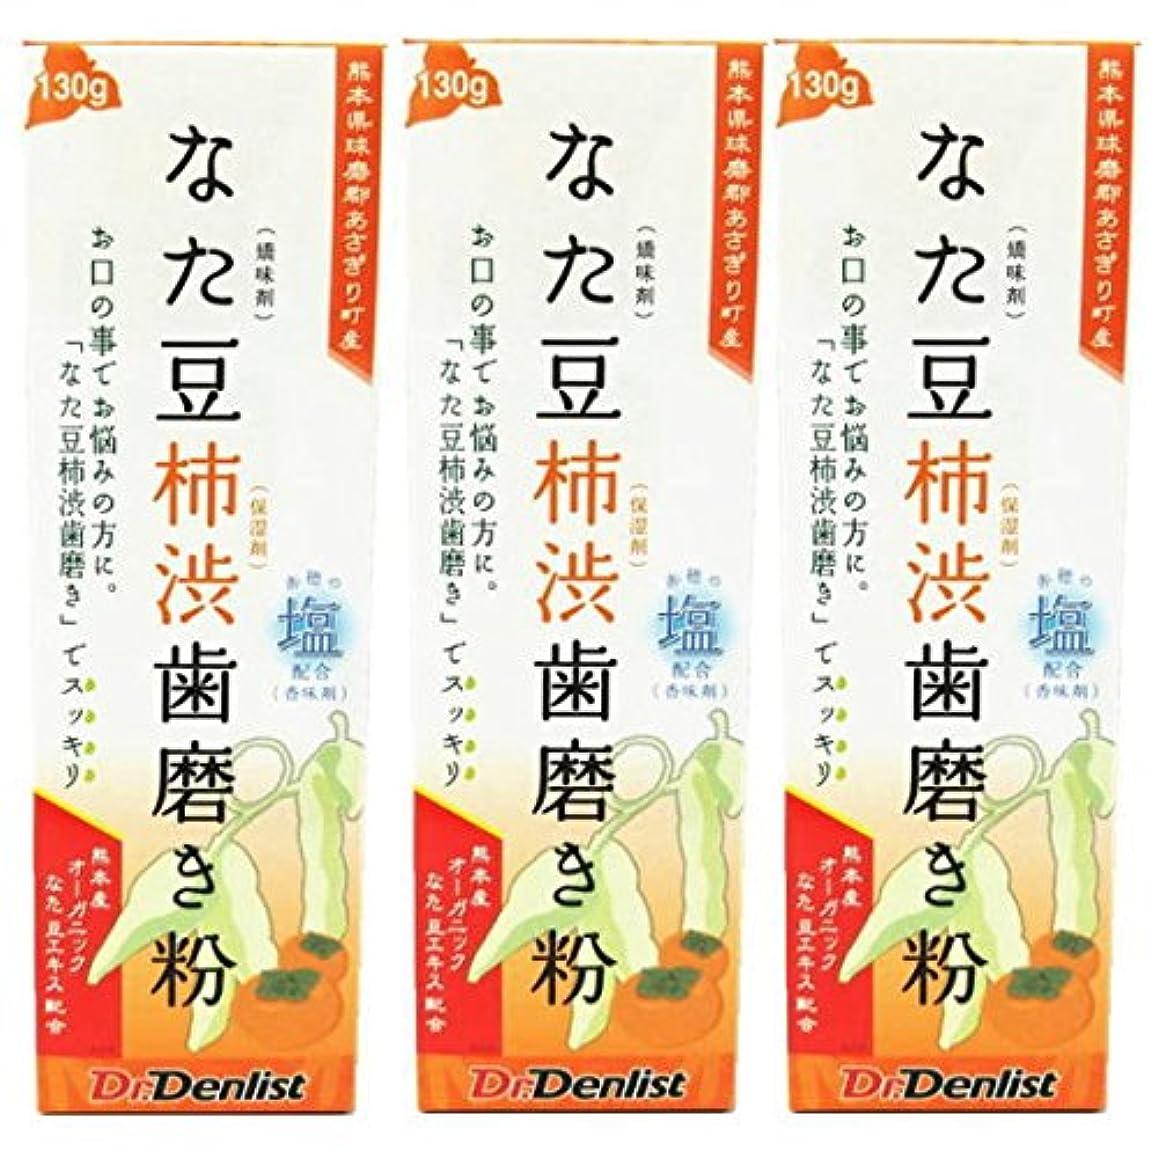 イサカペルソナ本当になた豆柿渋歯磨き 130g 3個セット 国産 有機なた豆使用 赤穂の塩配合(香味剤)